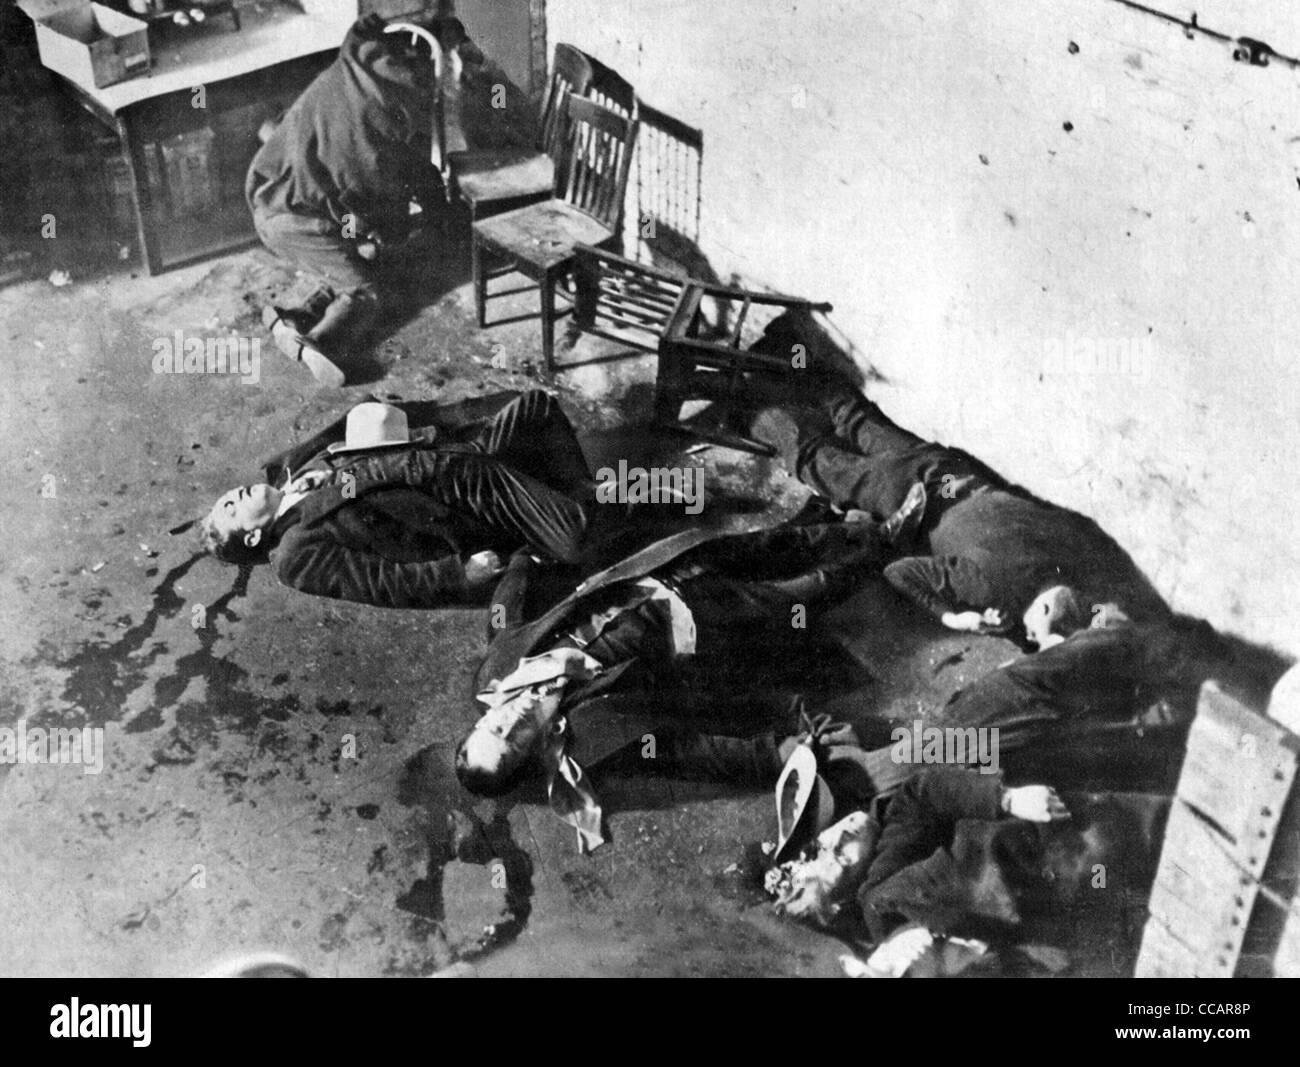 ST VALENTINE'S DAY MASSACRE 14 février 1929 Quand Al Capone's gang tué des membres de gangs irlandais Photo Stock